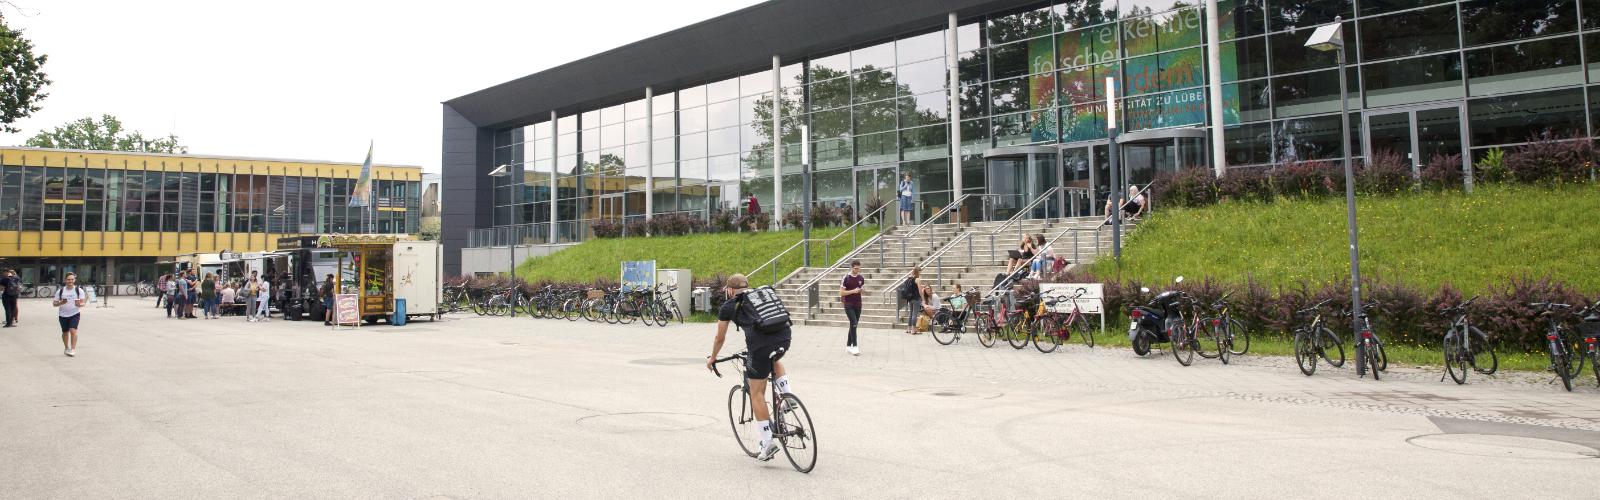 Campus Lübeck